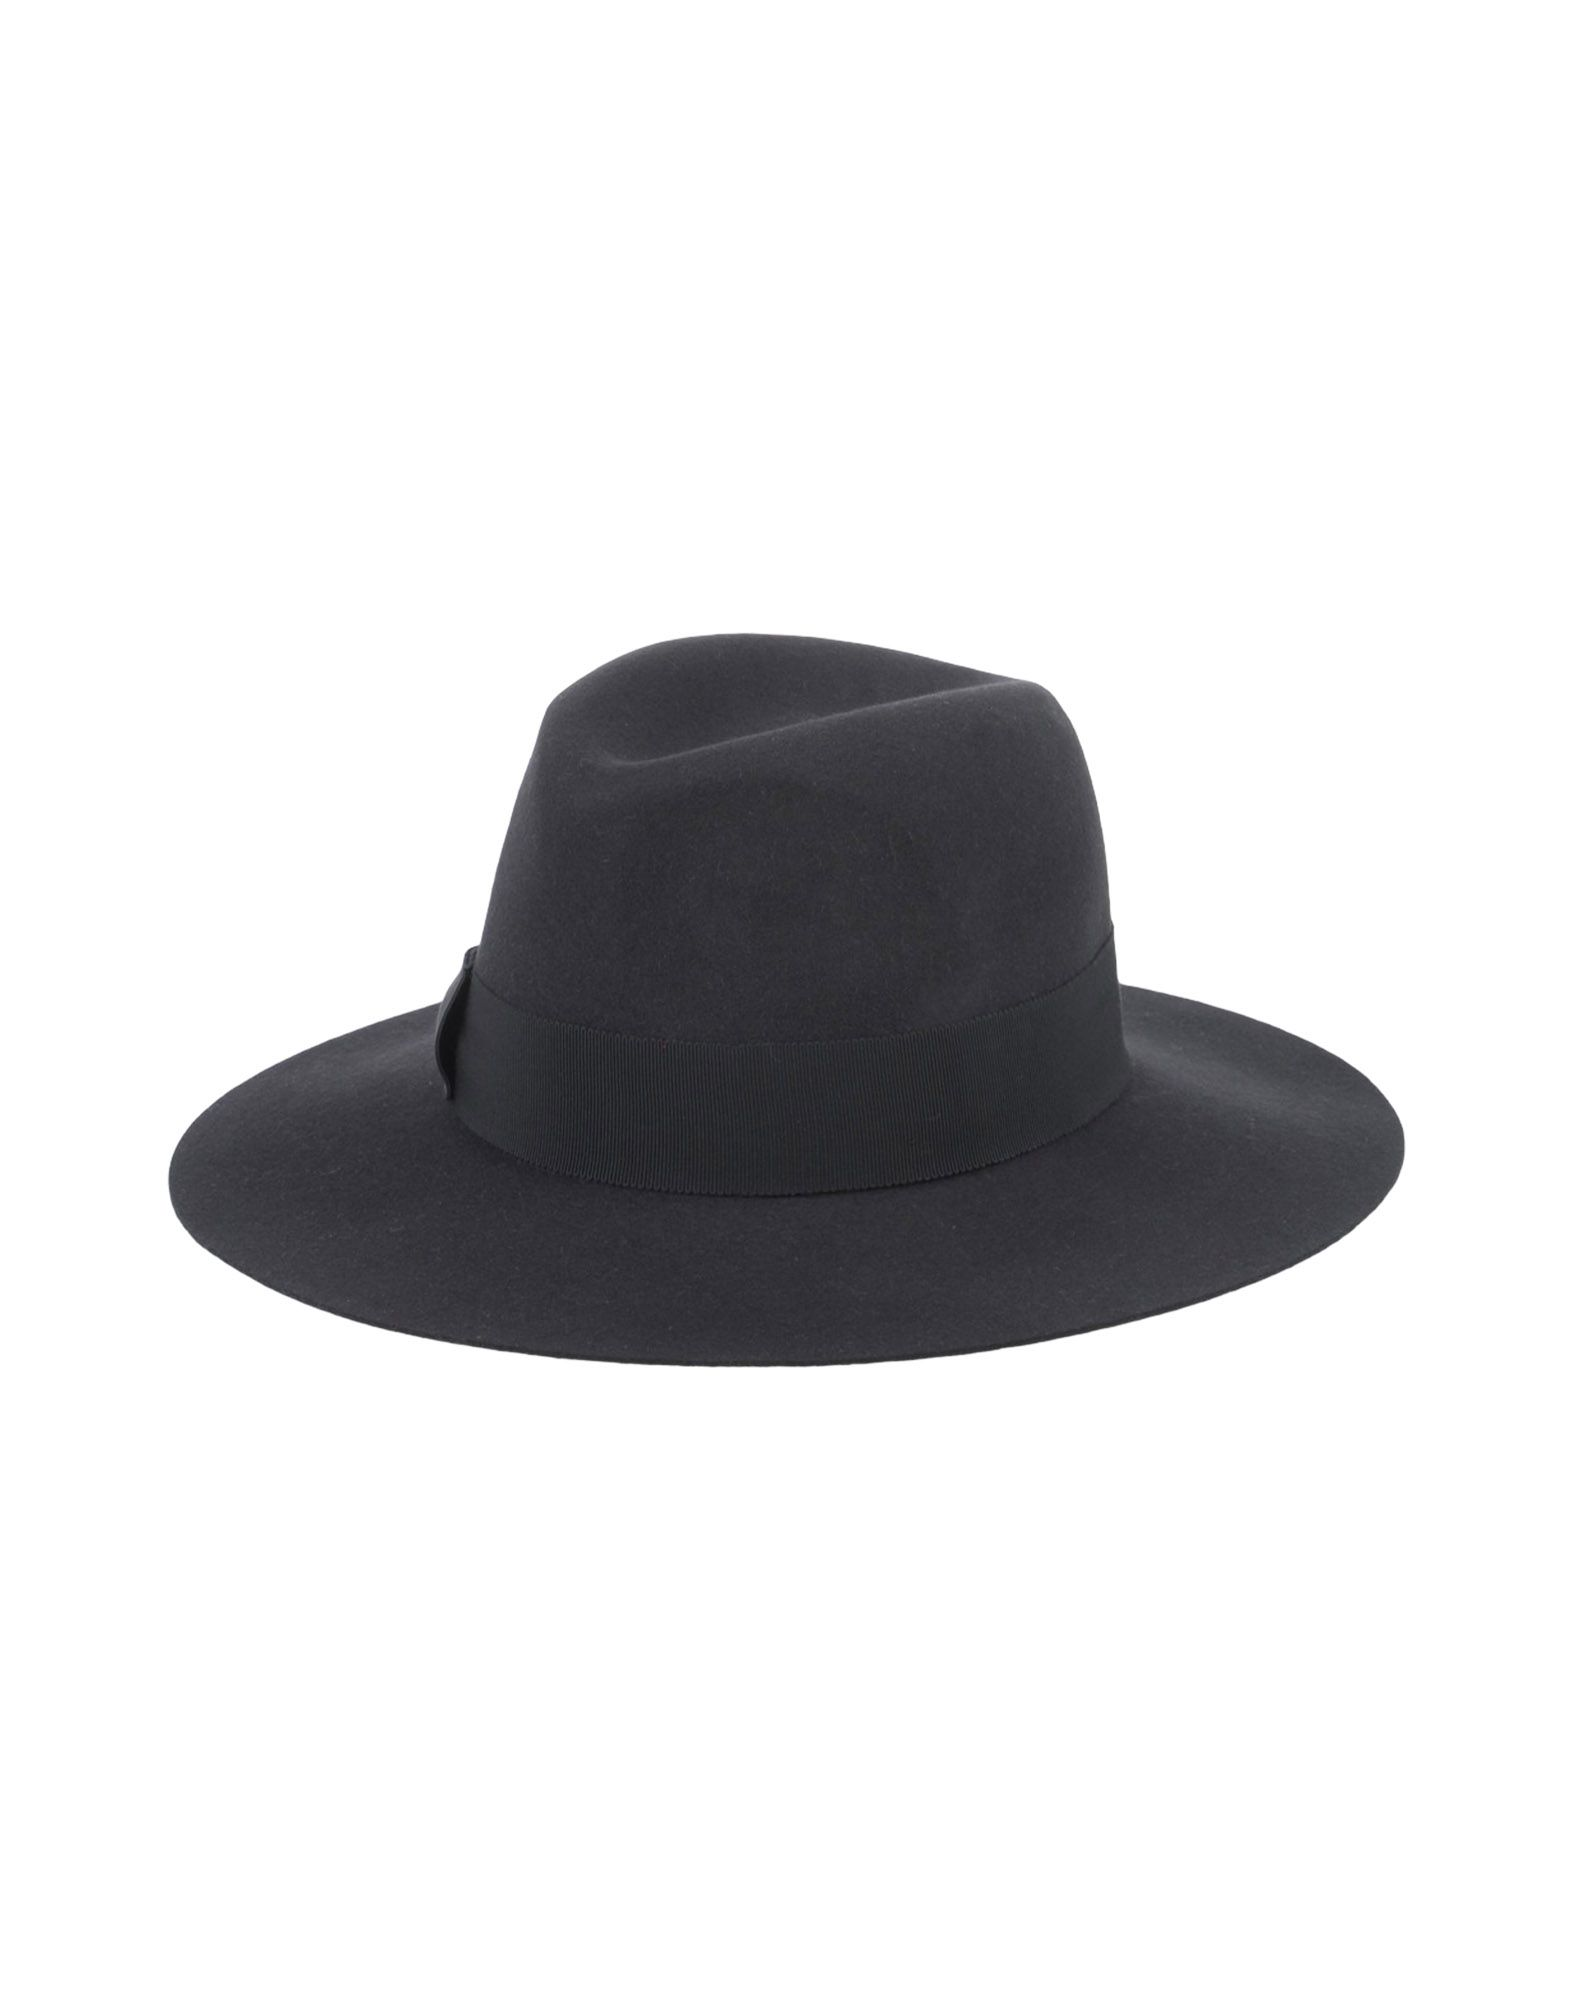 Cappello Inverni Uomo - Acquista online su